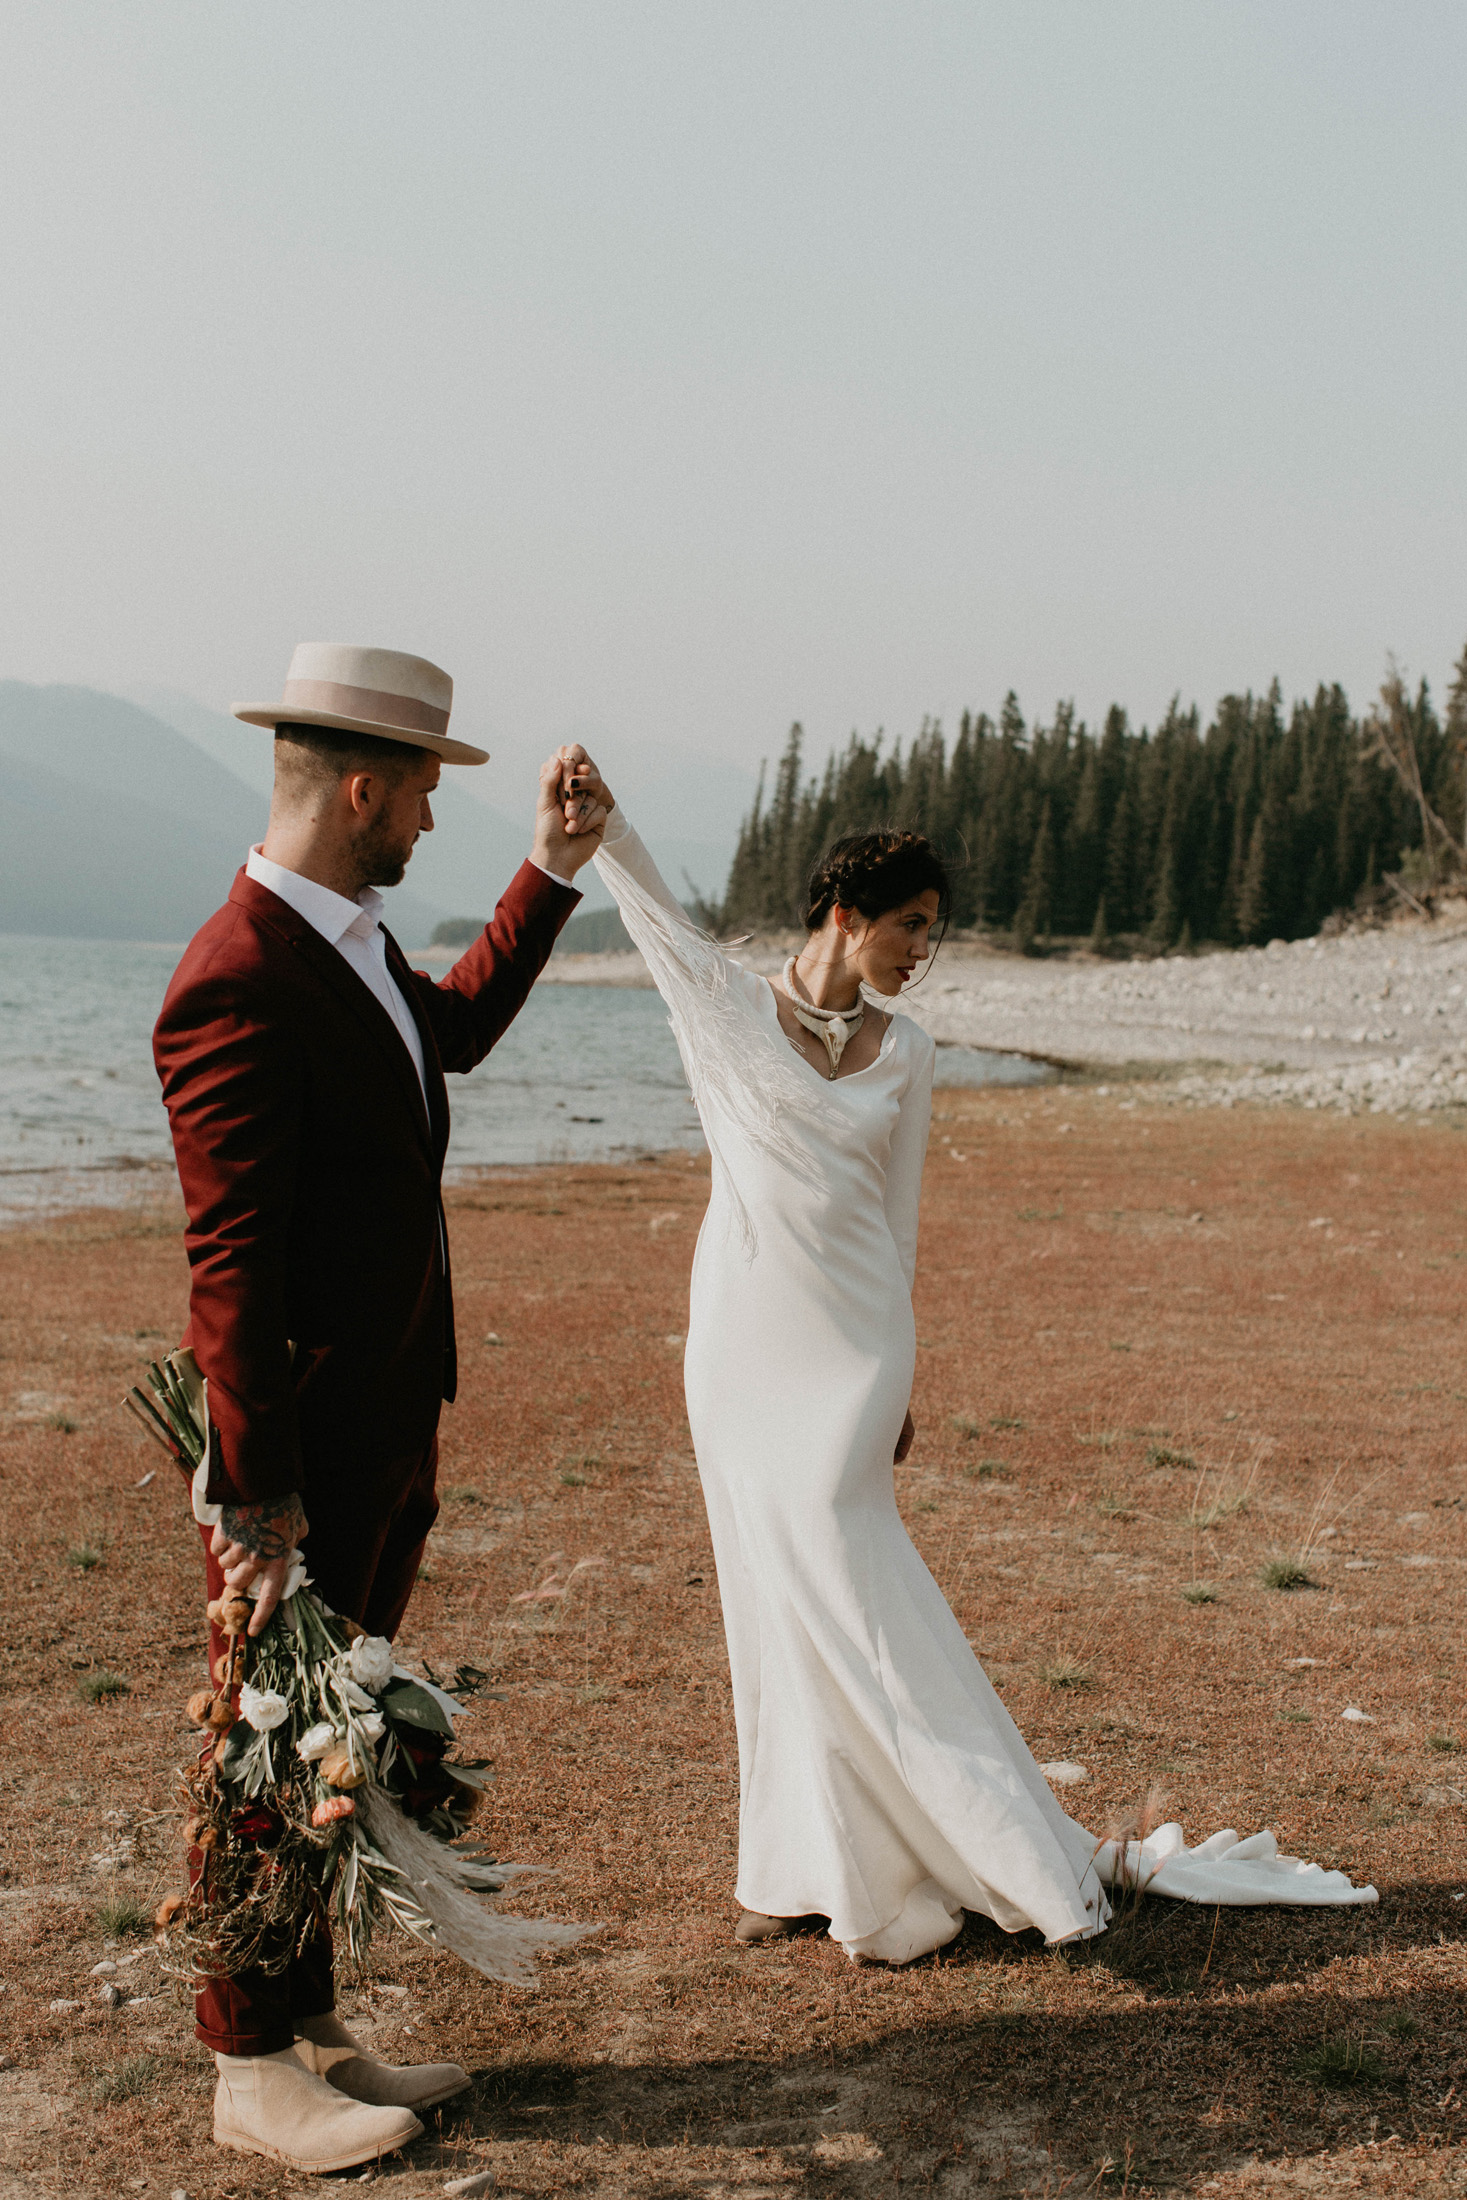 banff-elopement-photography-006.jpg